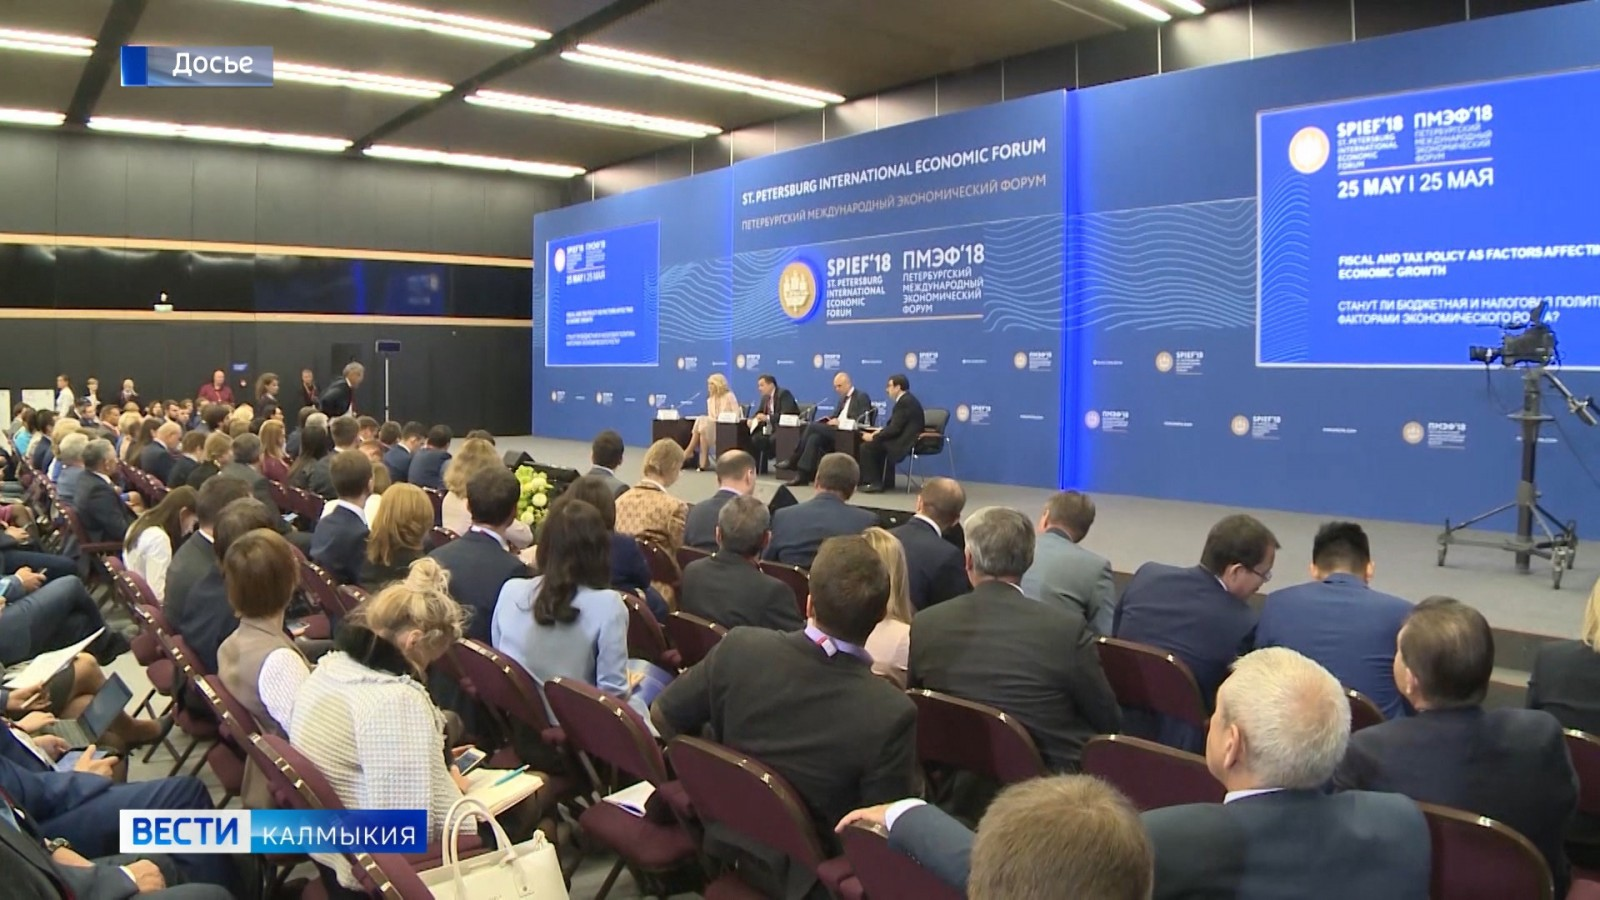 Делегация Калмыкии принимает участие в Международном экономическом форуме в Санкт-Петербурге